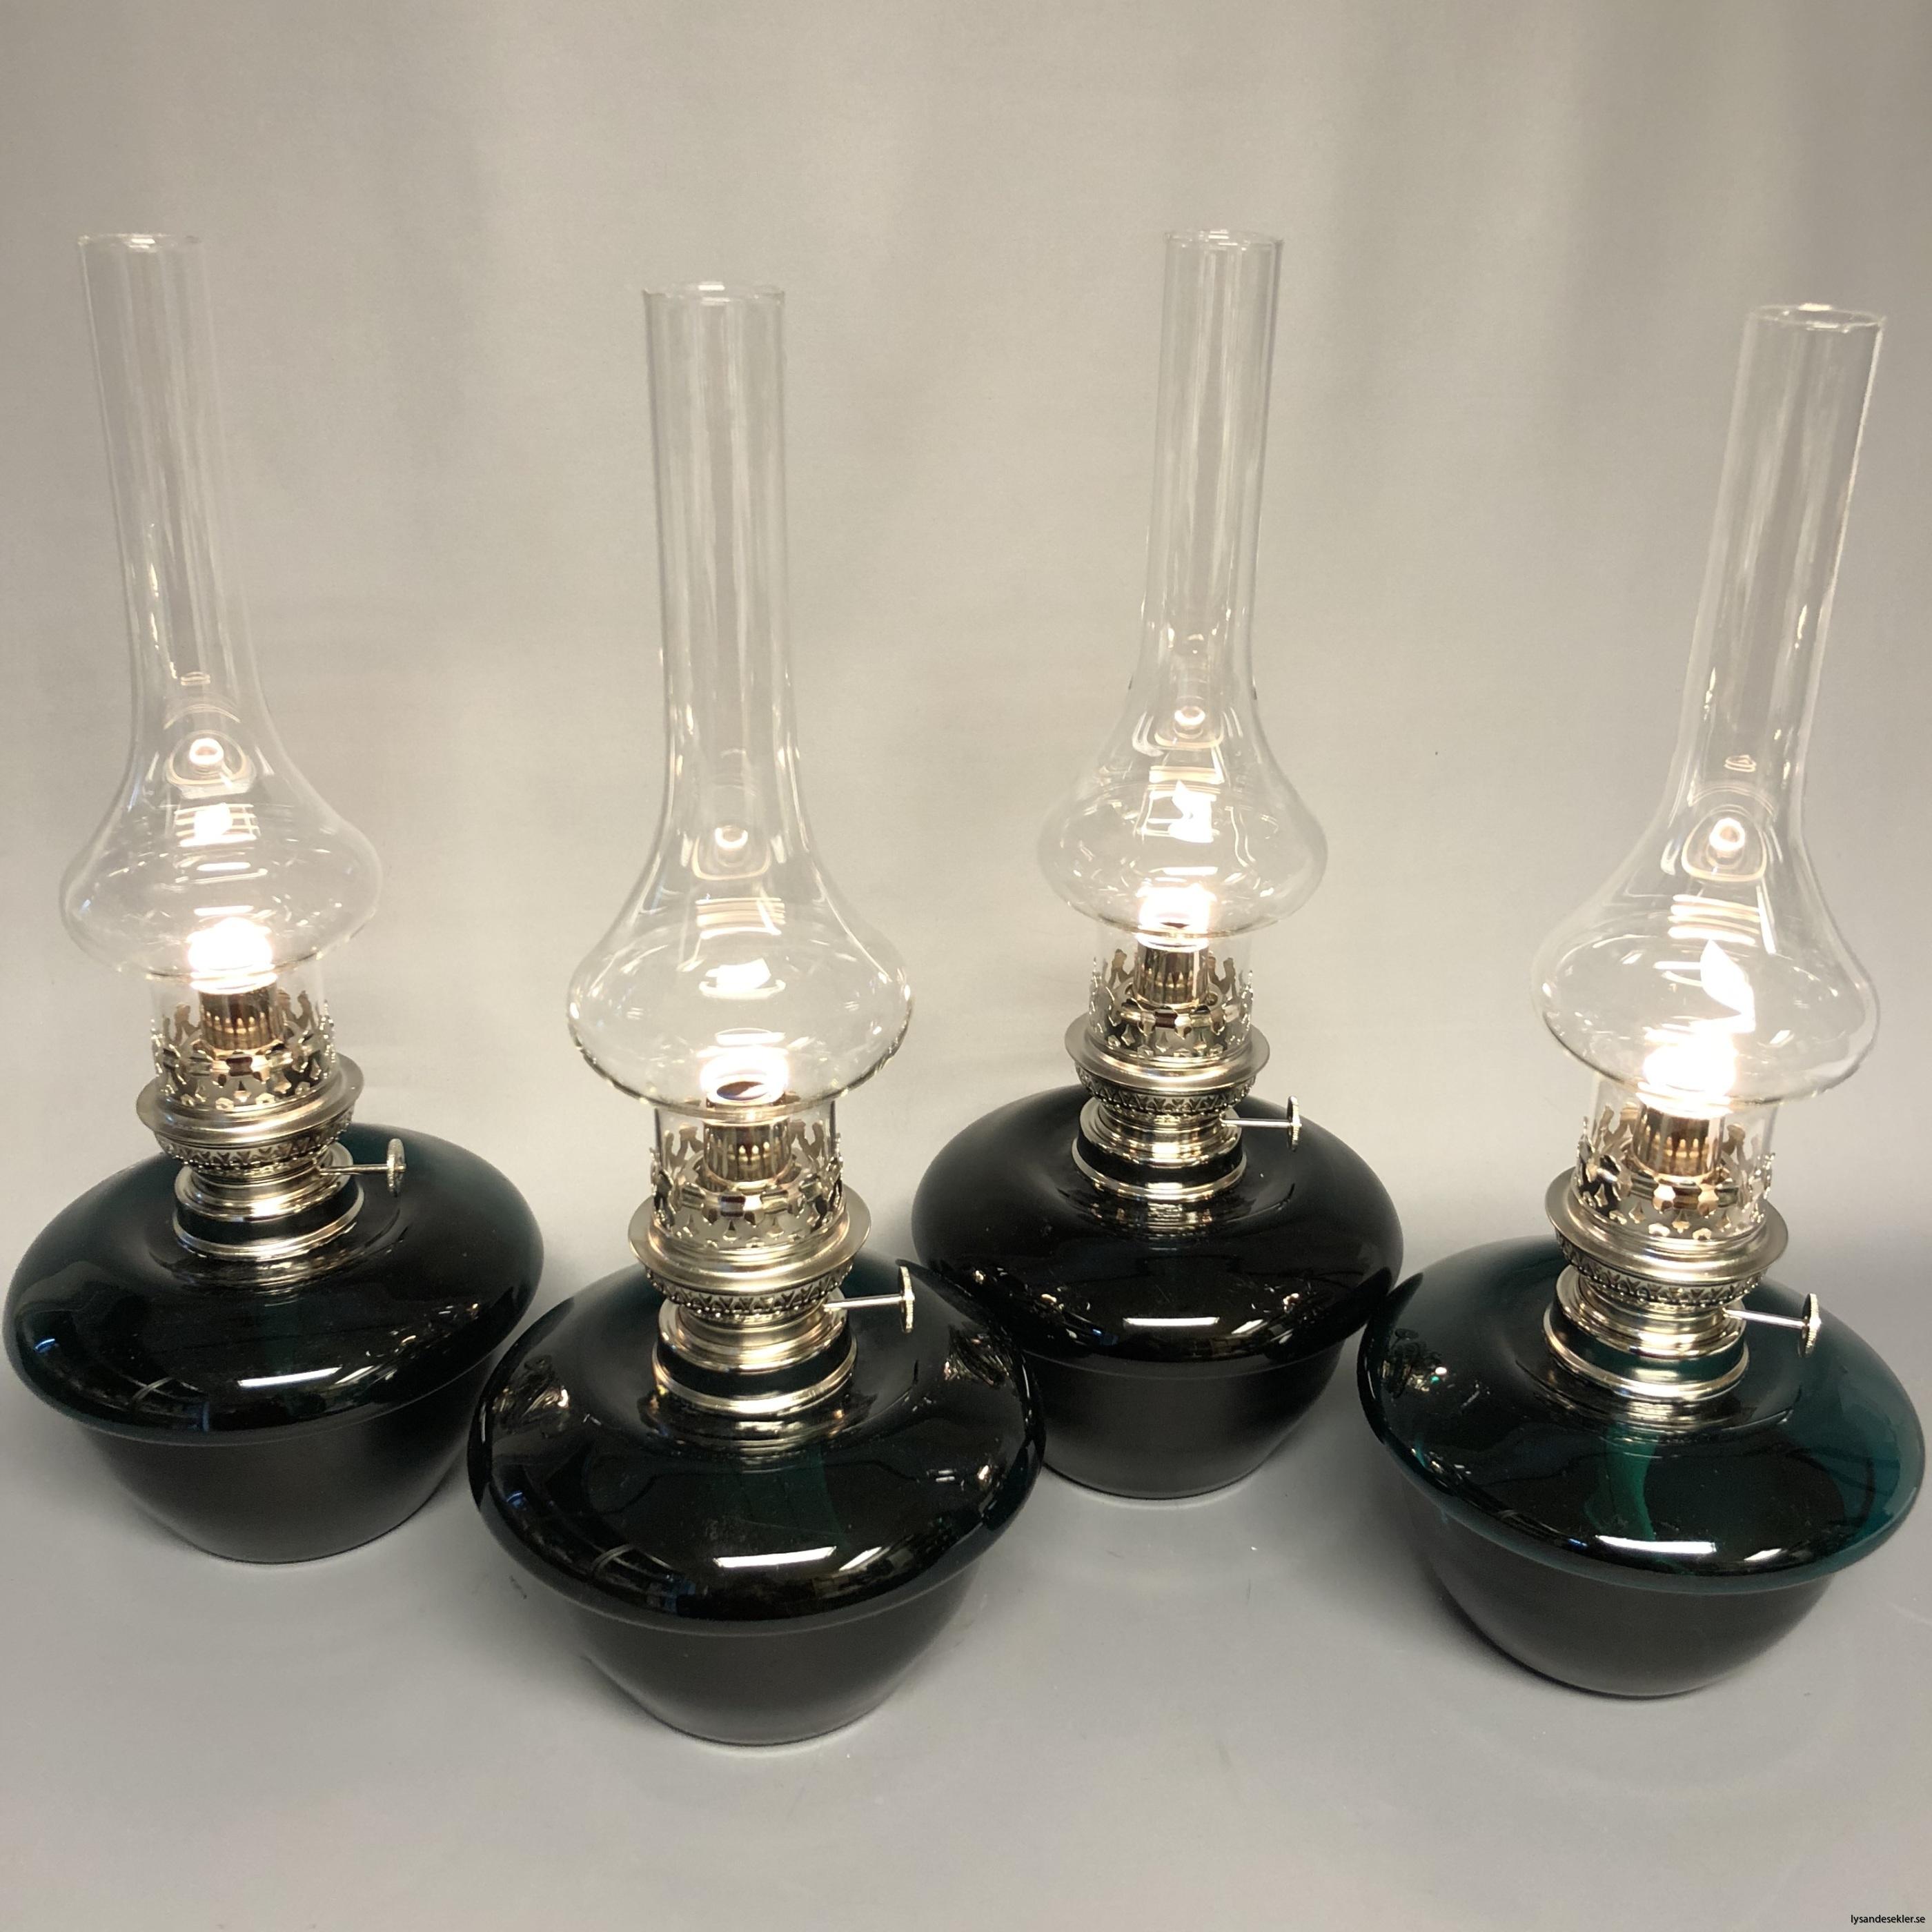 fotogenlampa fotogenlampor oljelampa oljelampor renoverad antik antikvitet34